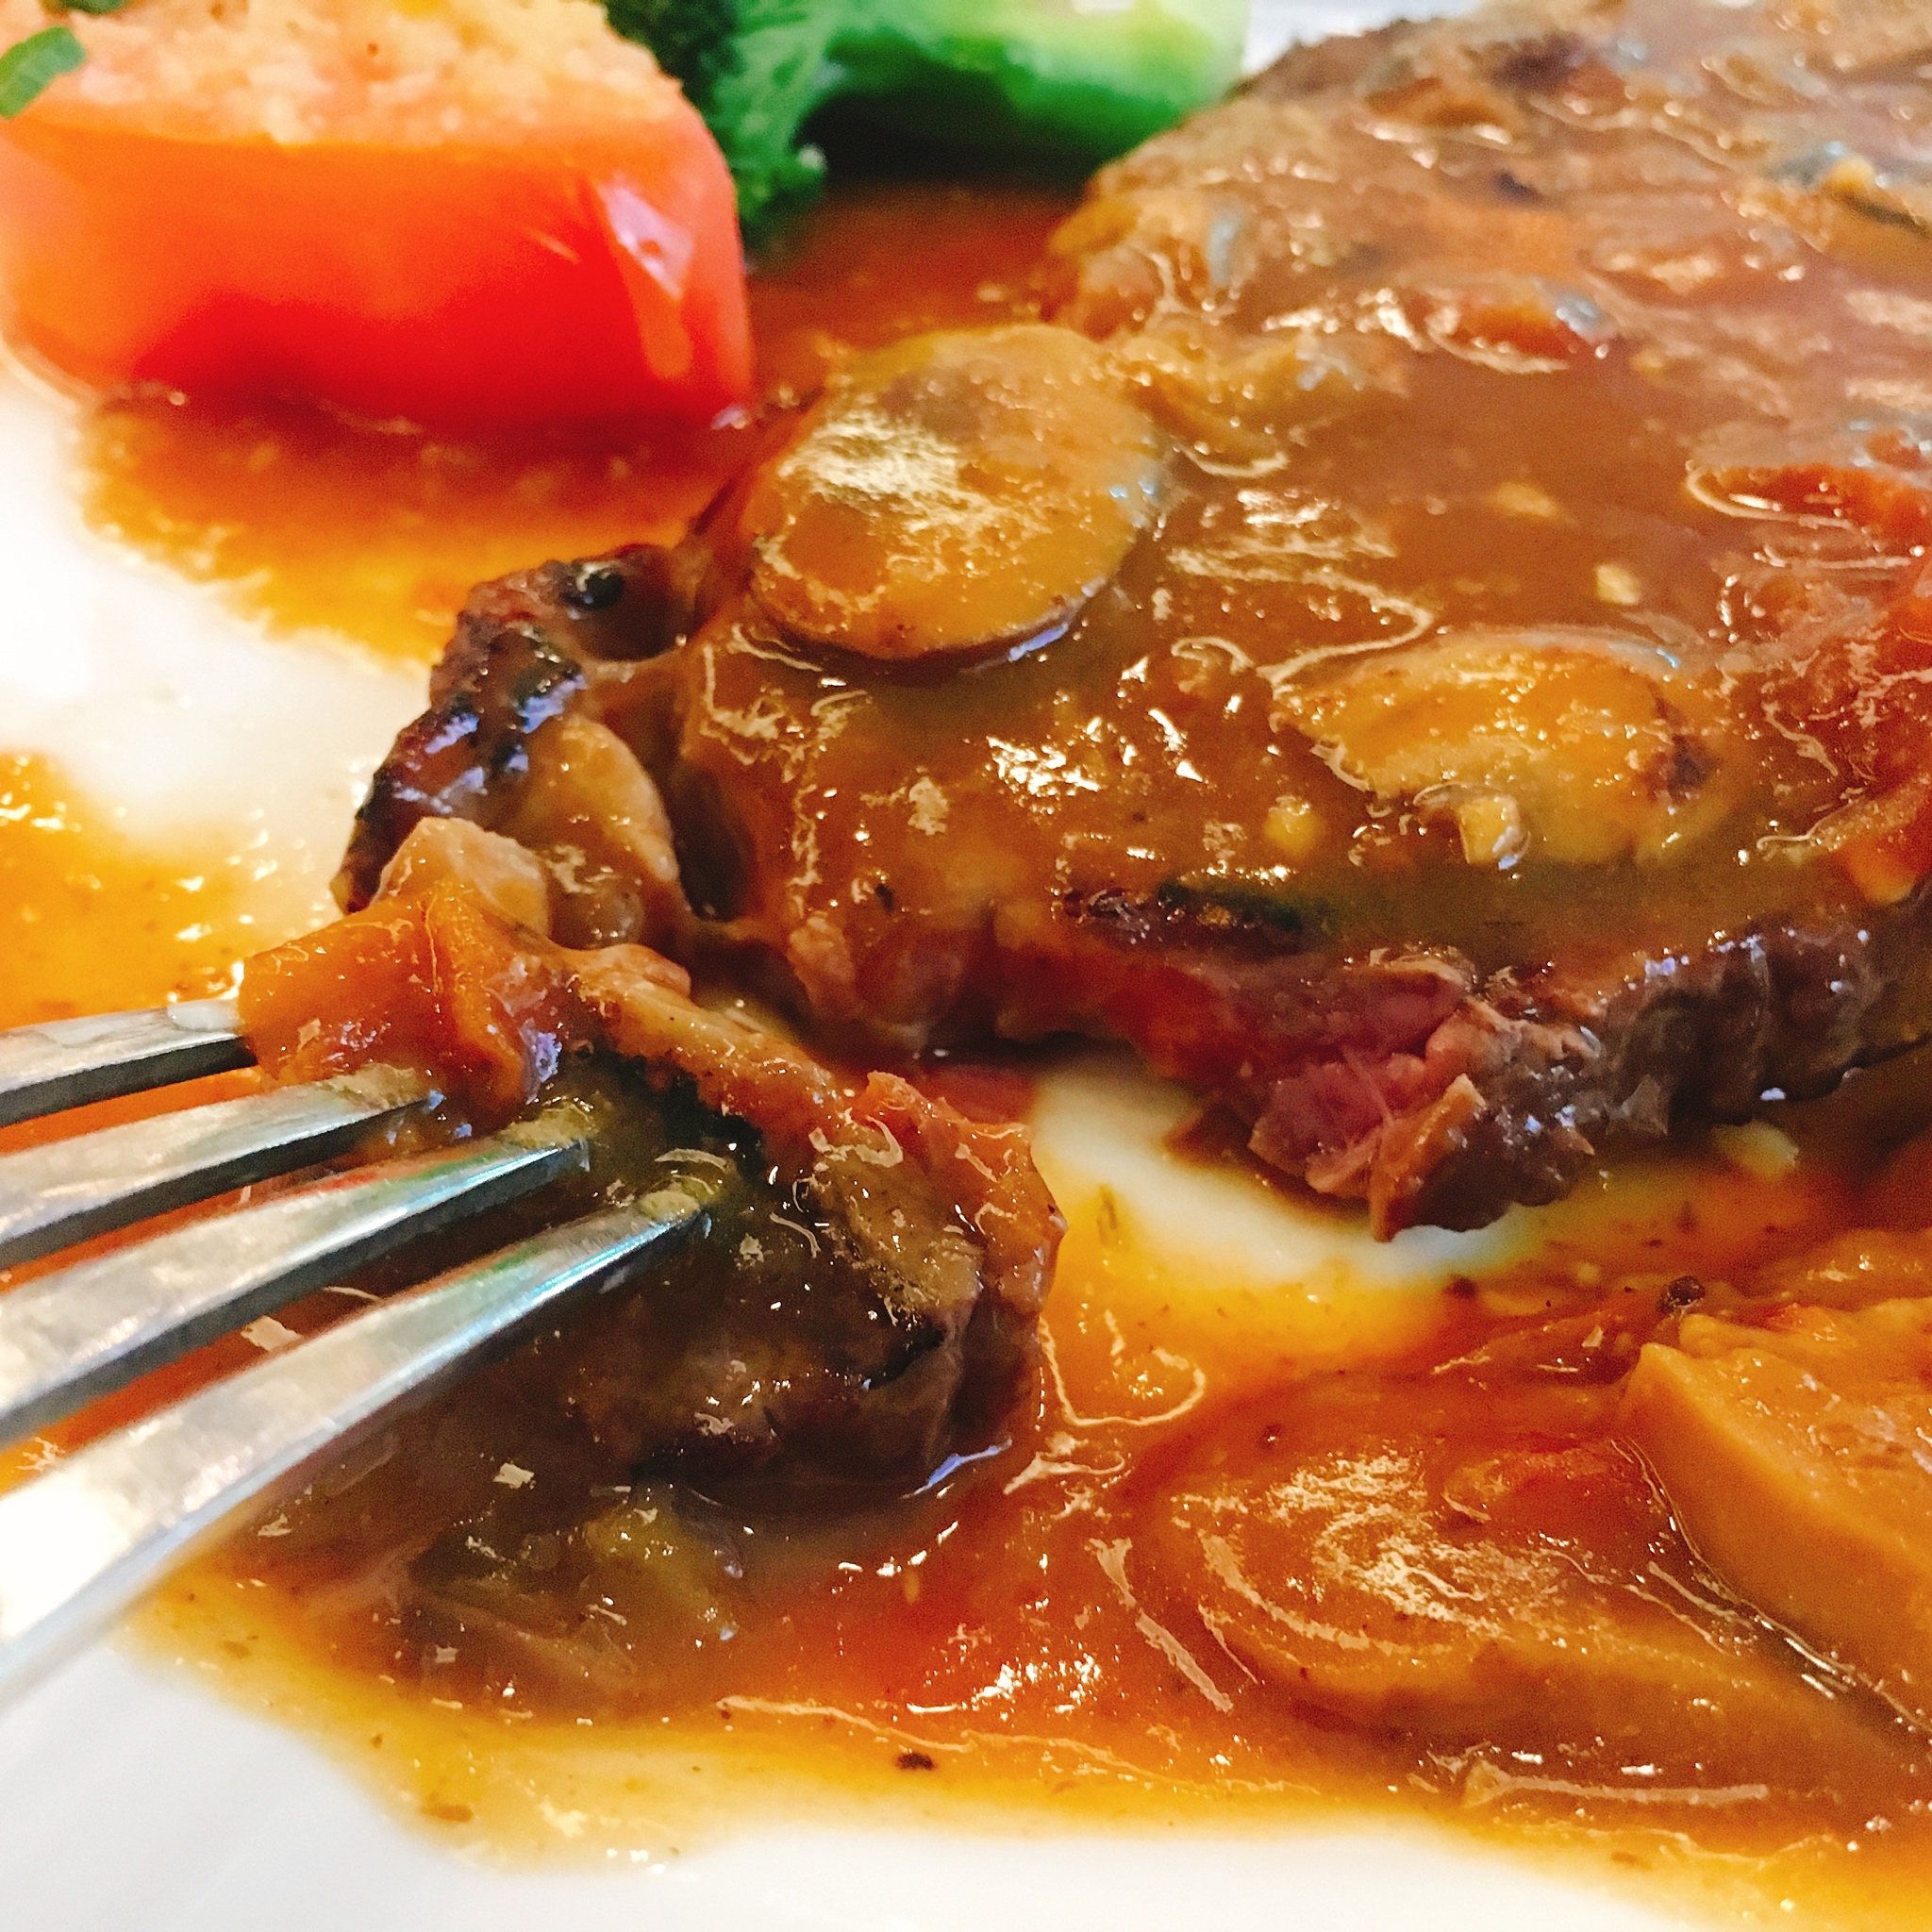 촉촉한 스테이크와 바삭한 튀김 토마토의 결혼식. 하..